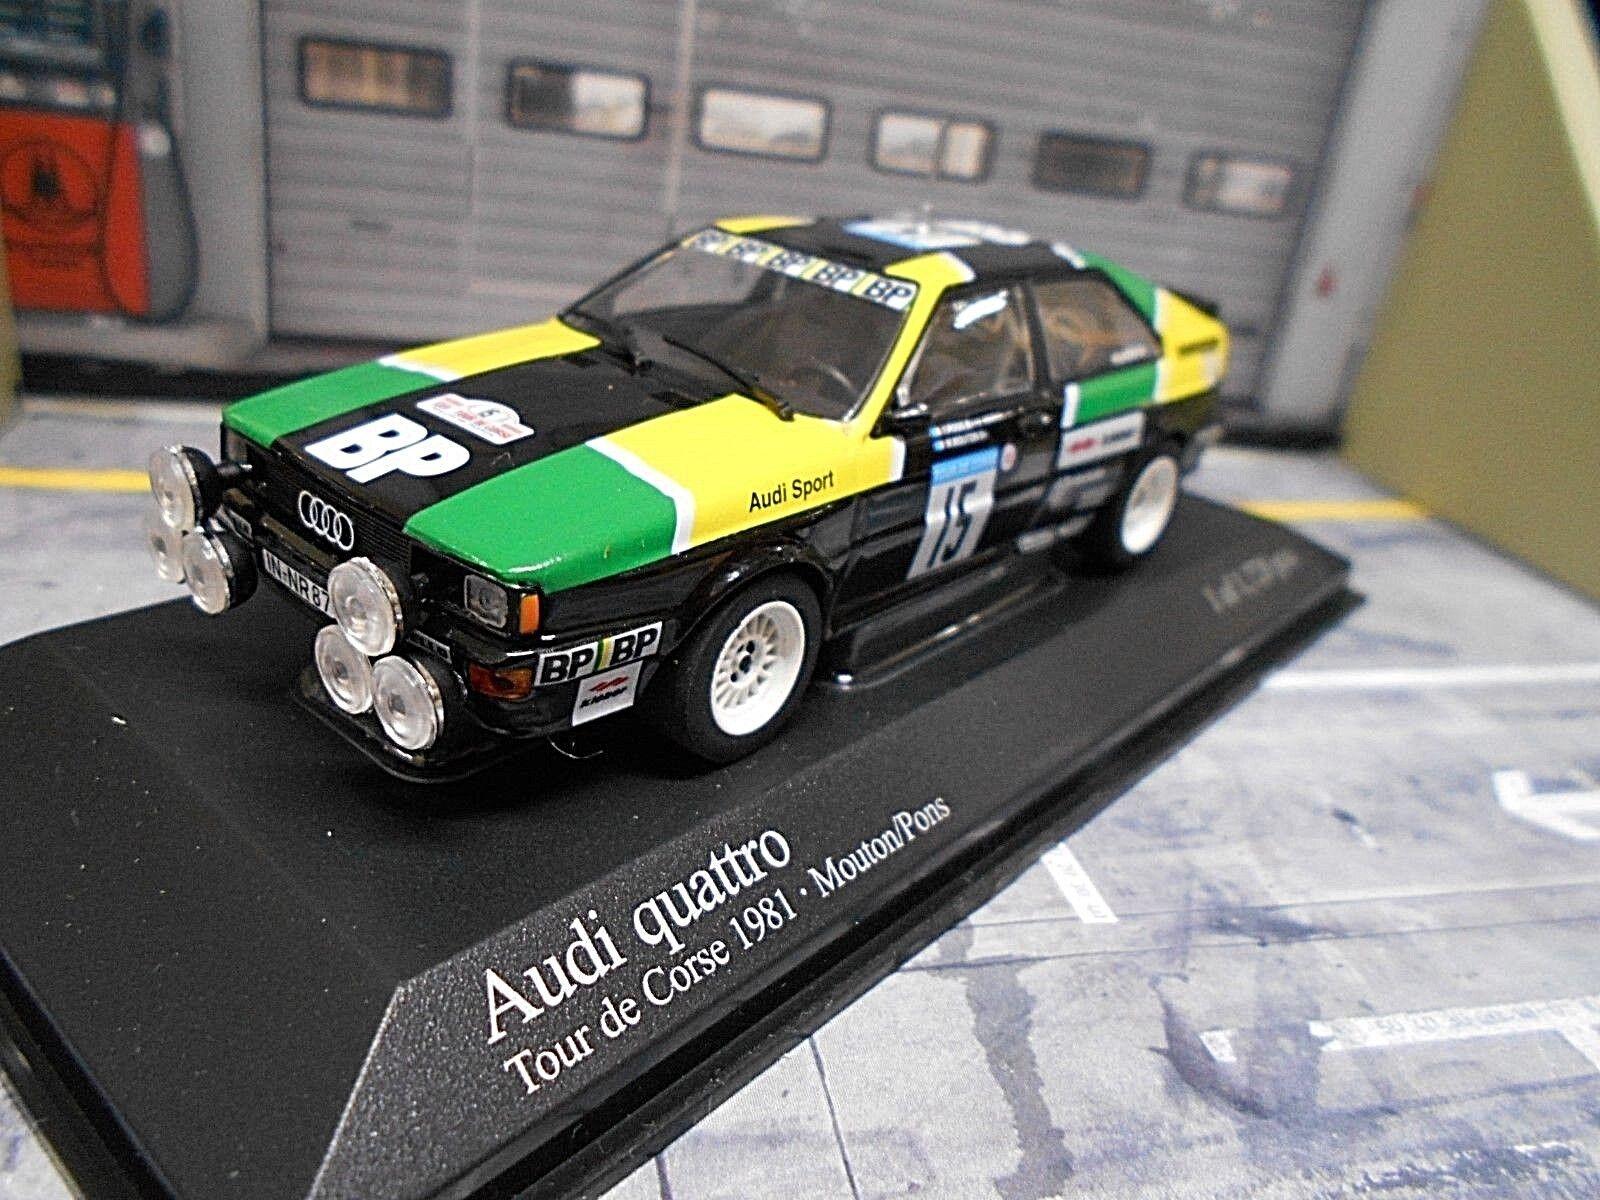 AUDI QUATTRO RALLYE TOUR DE CORSE 1981  15 Mouton Pons BP Taille 4 MINICHAMPS 1 43